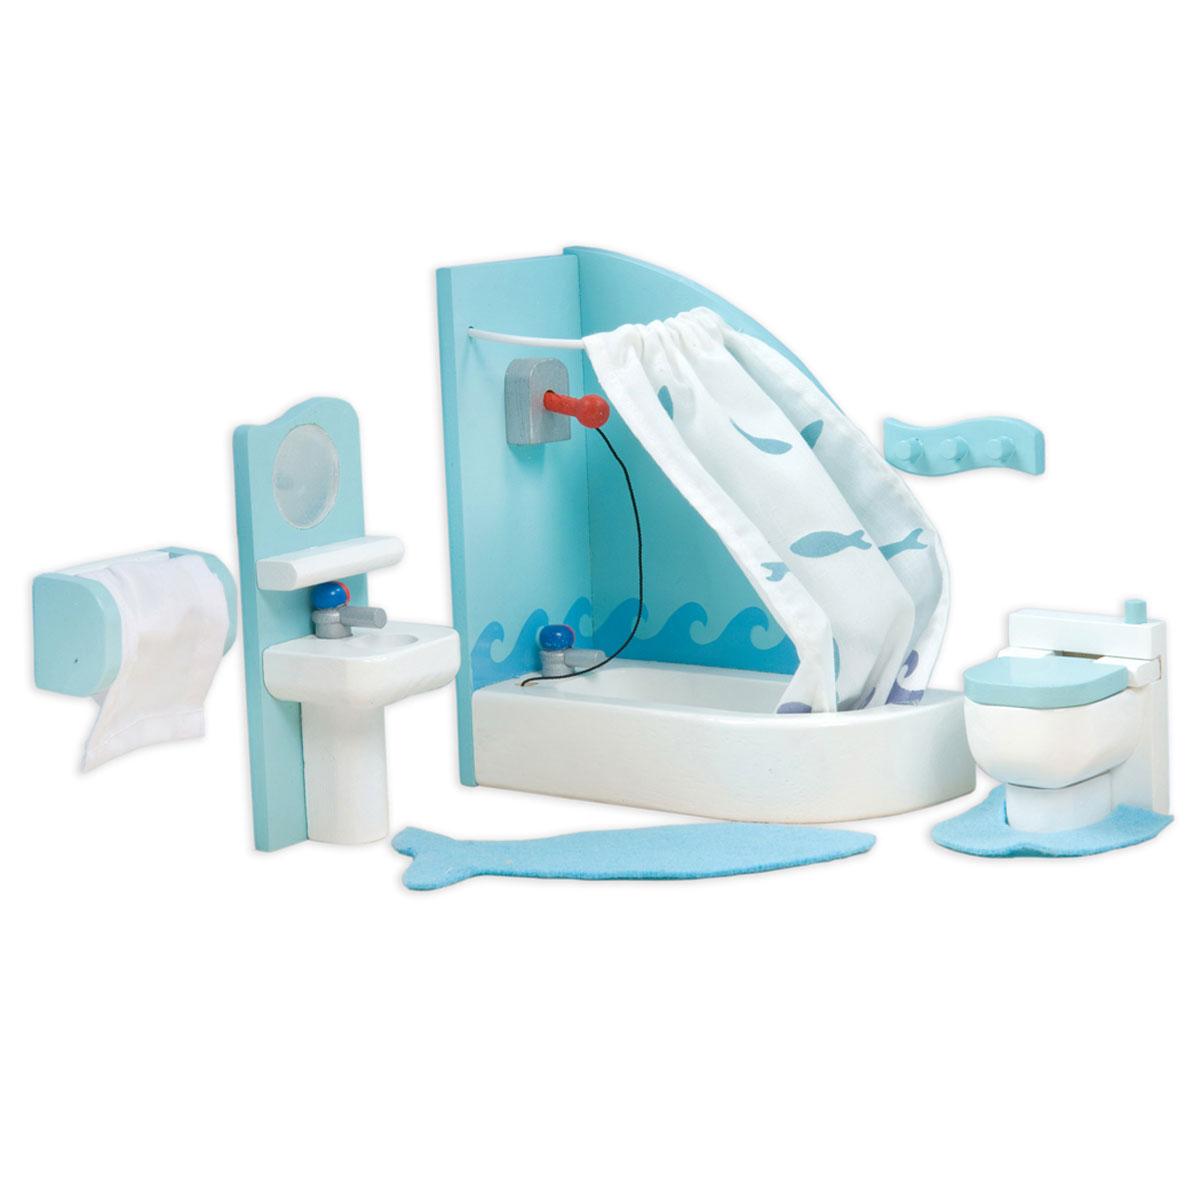 Le toy van sugar plum bathroom me053 pirum for Plum bathroom accessories